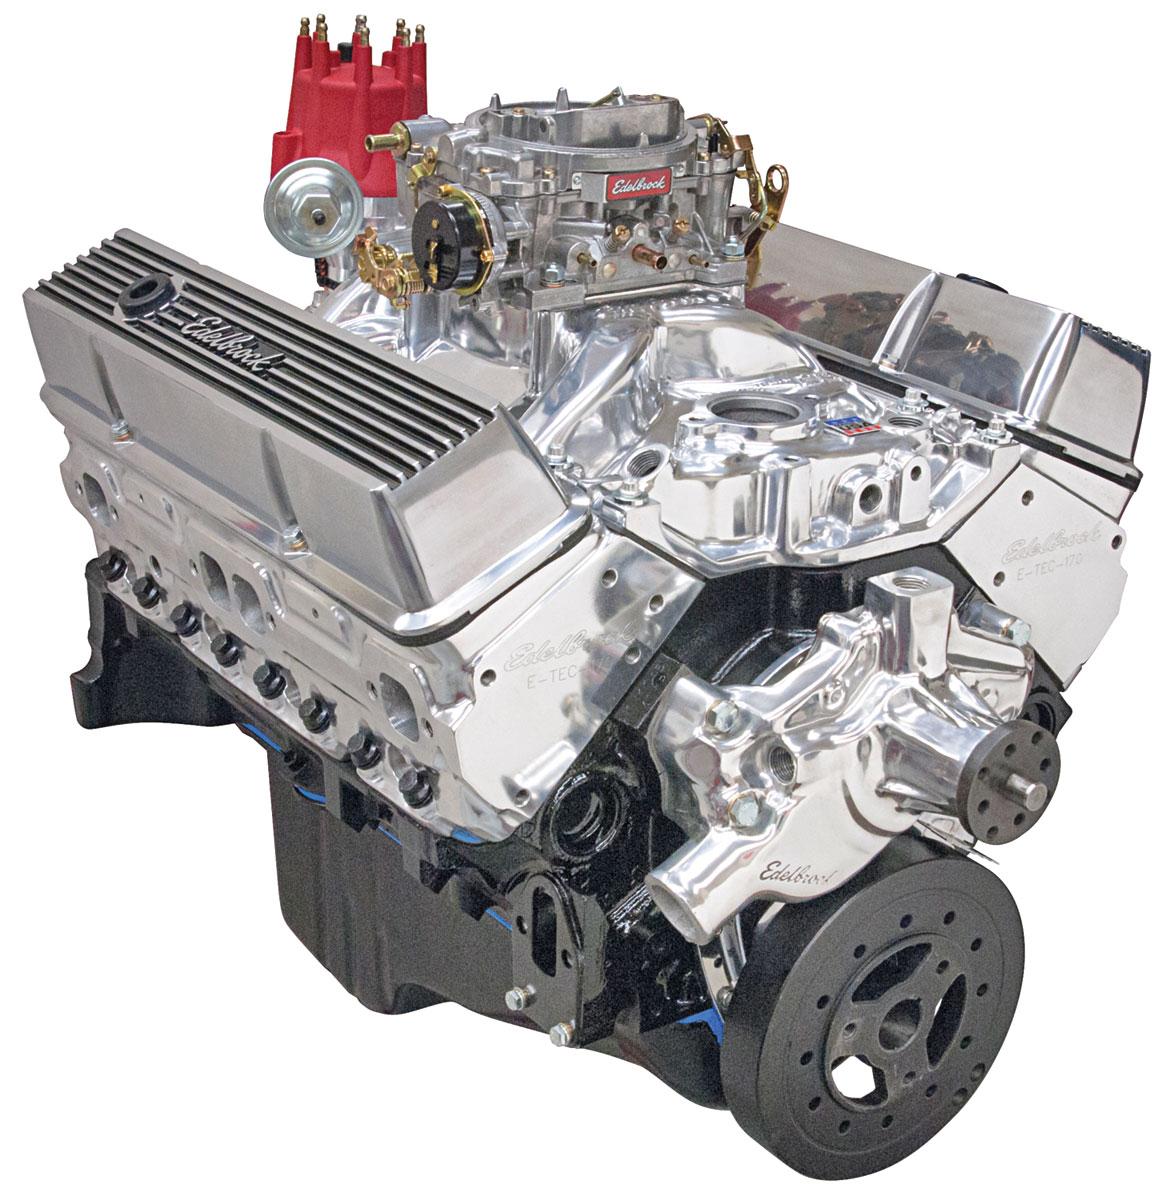 Crate Engine, Performer Hi-Torq, Edelbrock, Chevy 350, Short Wtr Pmp, Polished